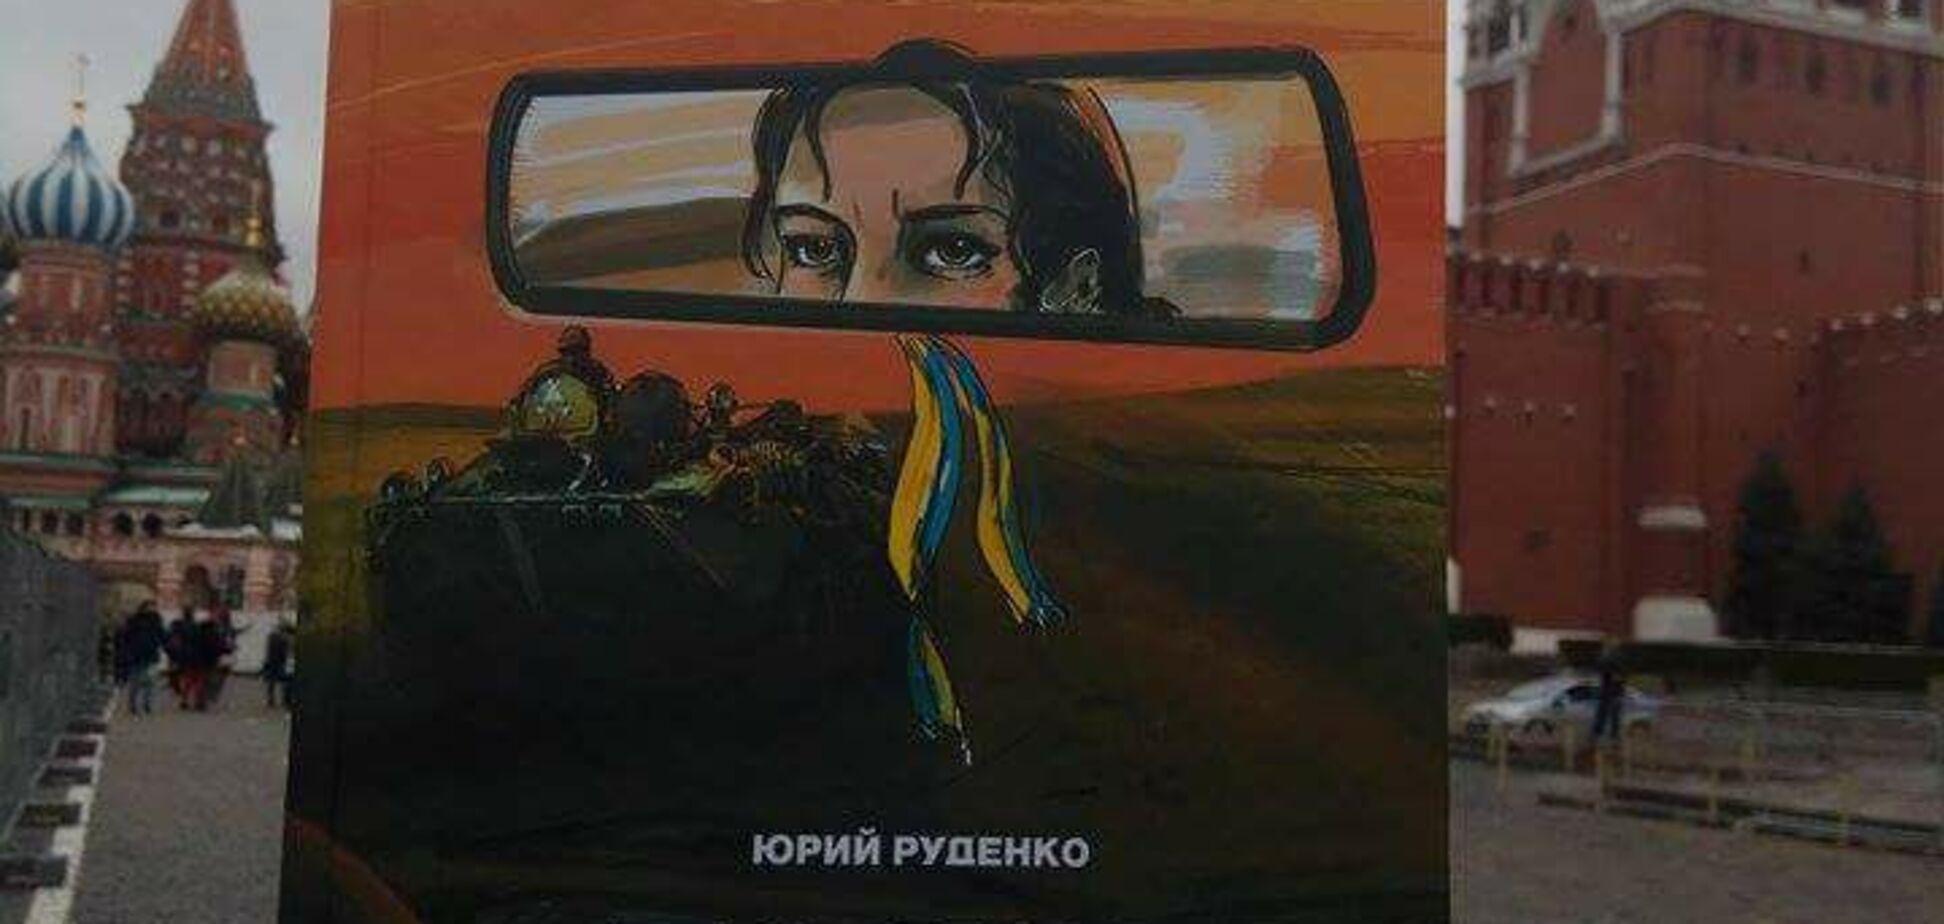 Бойцы АТО в центре Москвы: фото украинского писателя привело в восторг соцсети